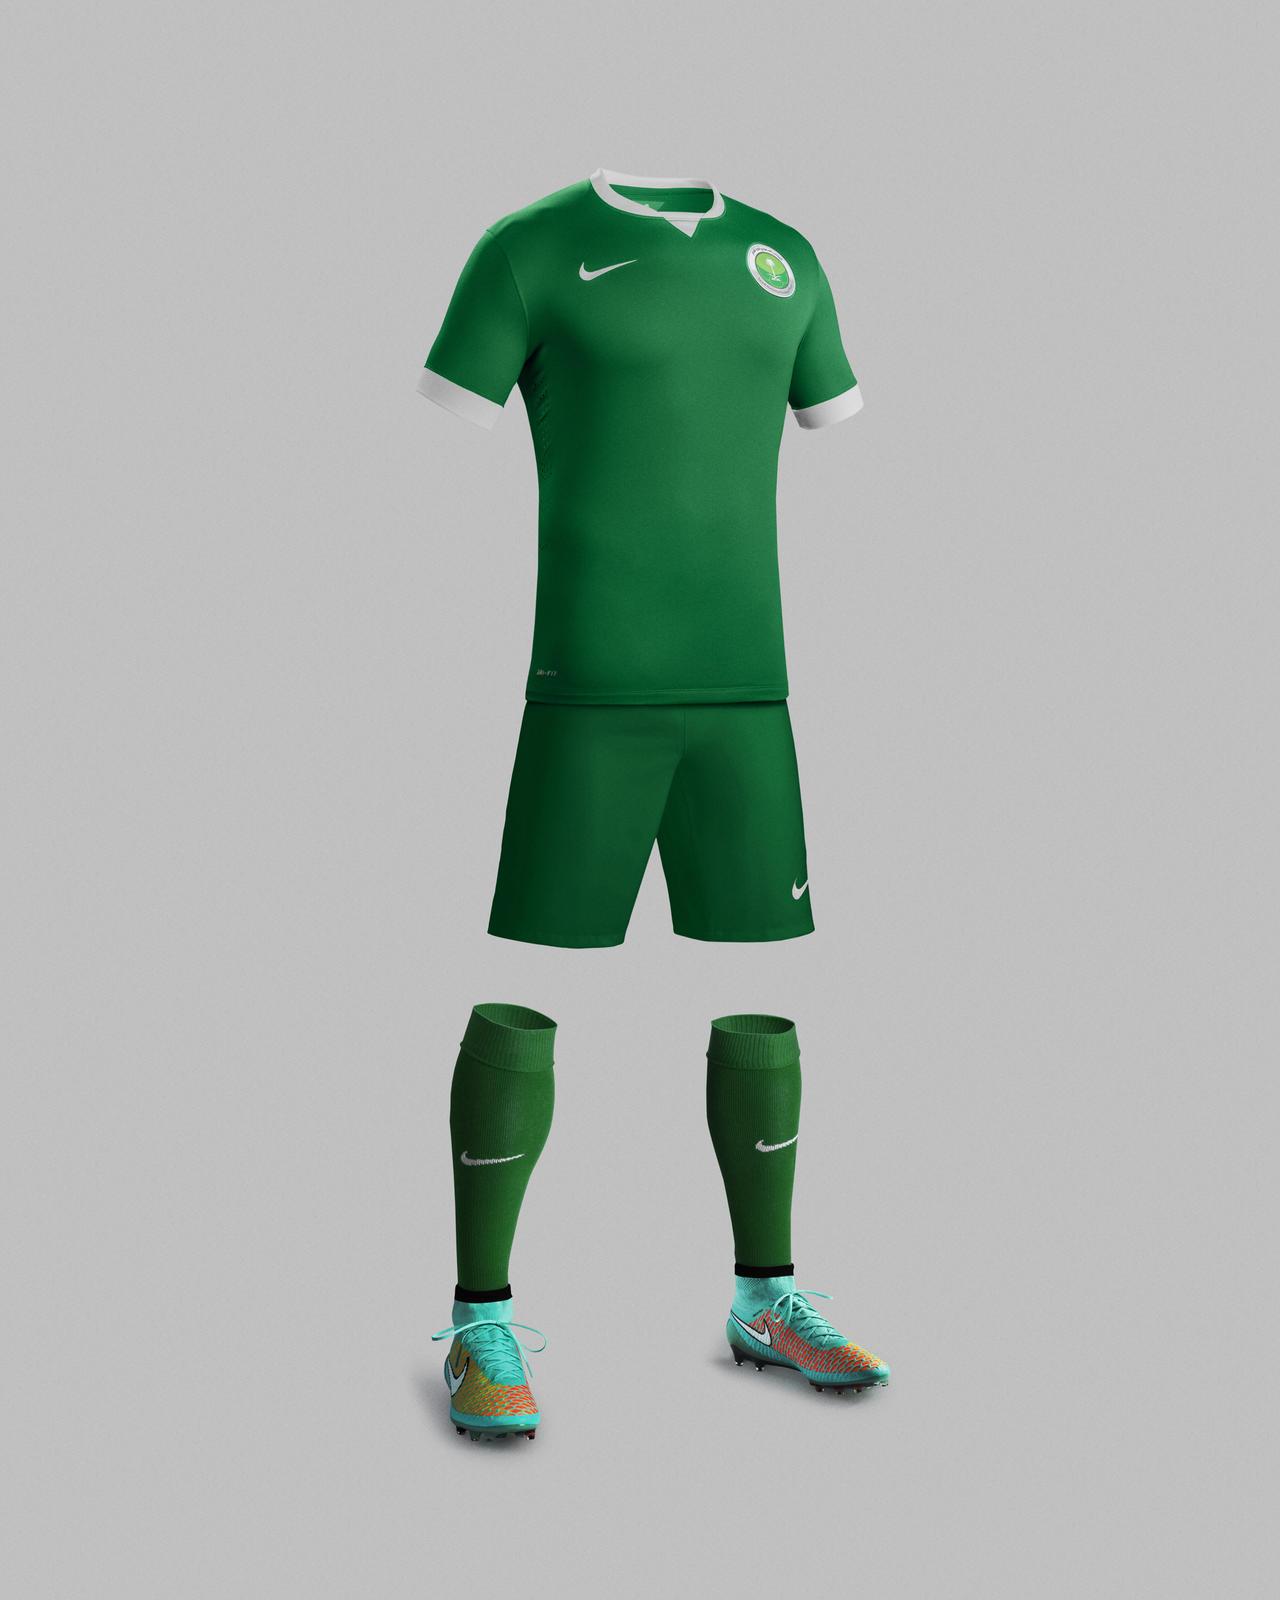 Nike jacket in saudi arabia - New